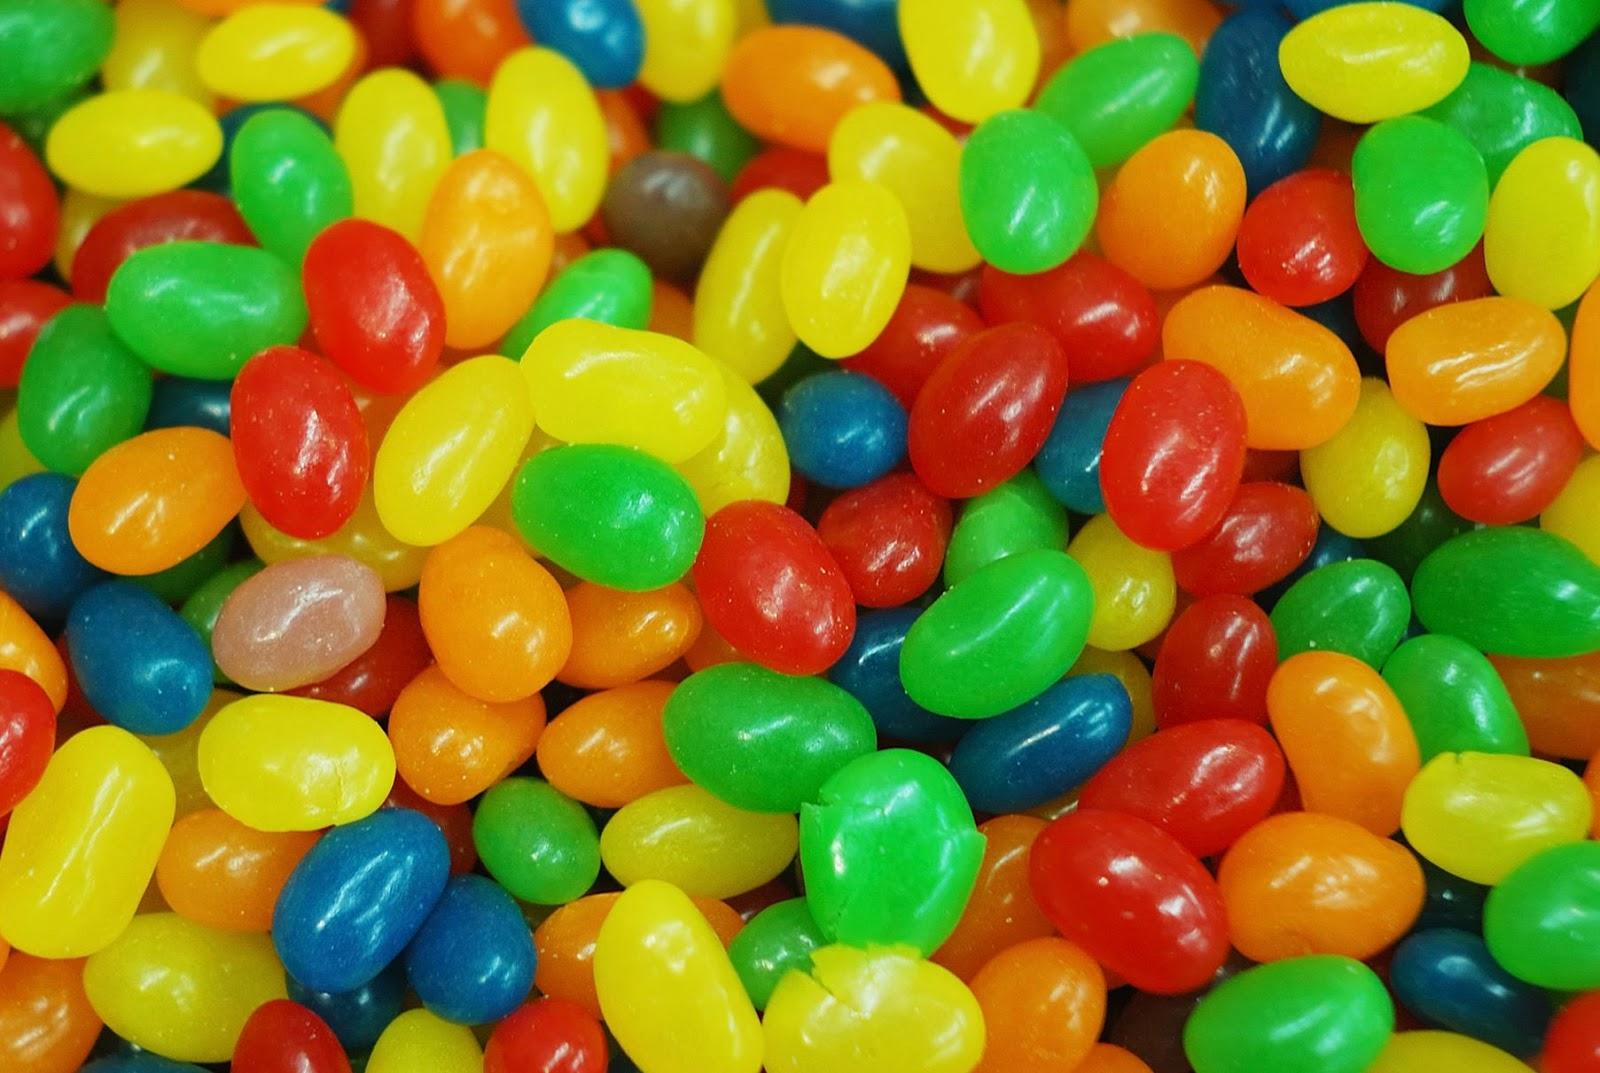 2fcb42fffa3c BANCO DE IMÁGENES  6 fotos gratis de dulces a granel